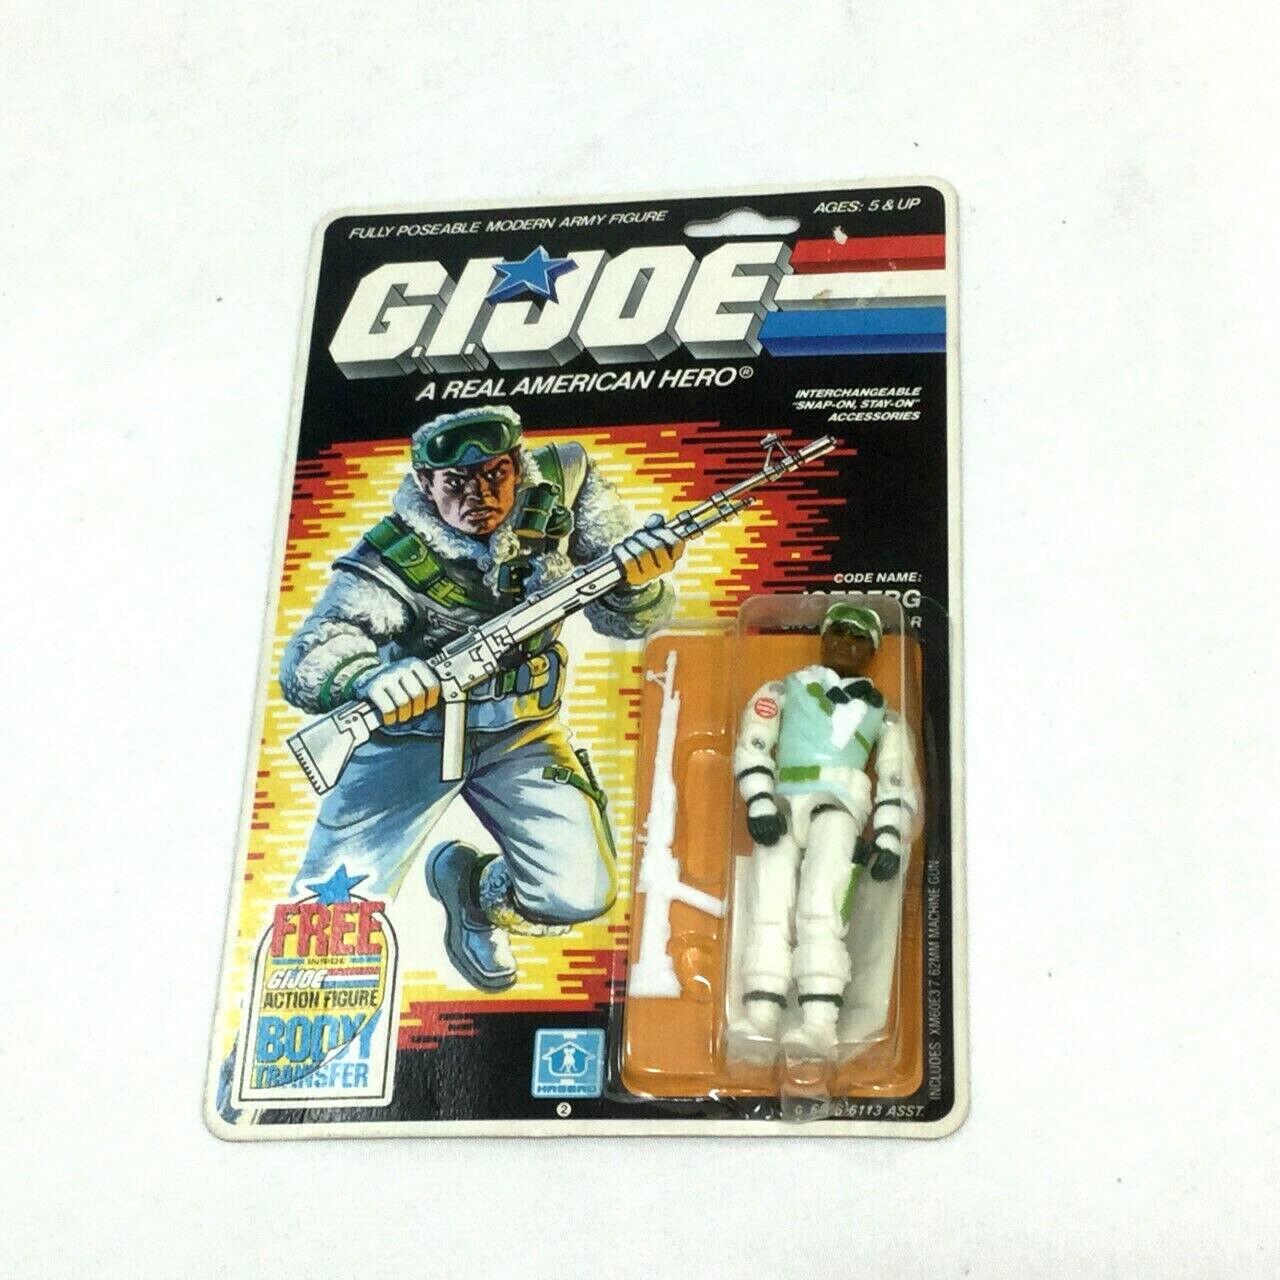 1987 Hasbro Gi Joe seperti Iceberg Snow Trooper Figura MOC Cochedada Sellado en perfecto estado en Cochetón sellado